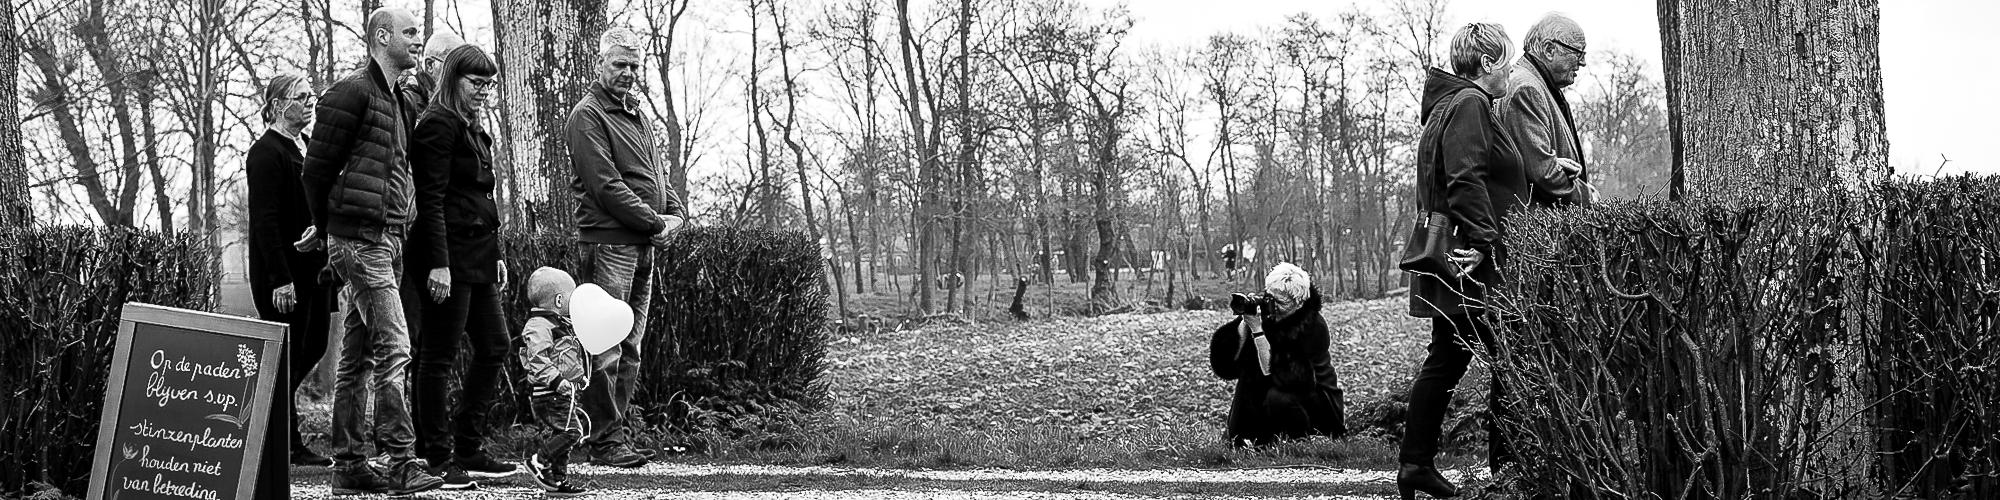 Ilja Verstraten,herinneringsfotograaf neemt een foto van een begrafenis